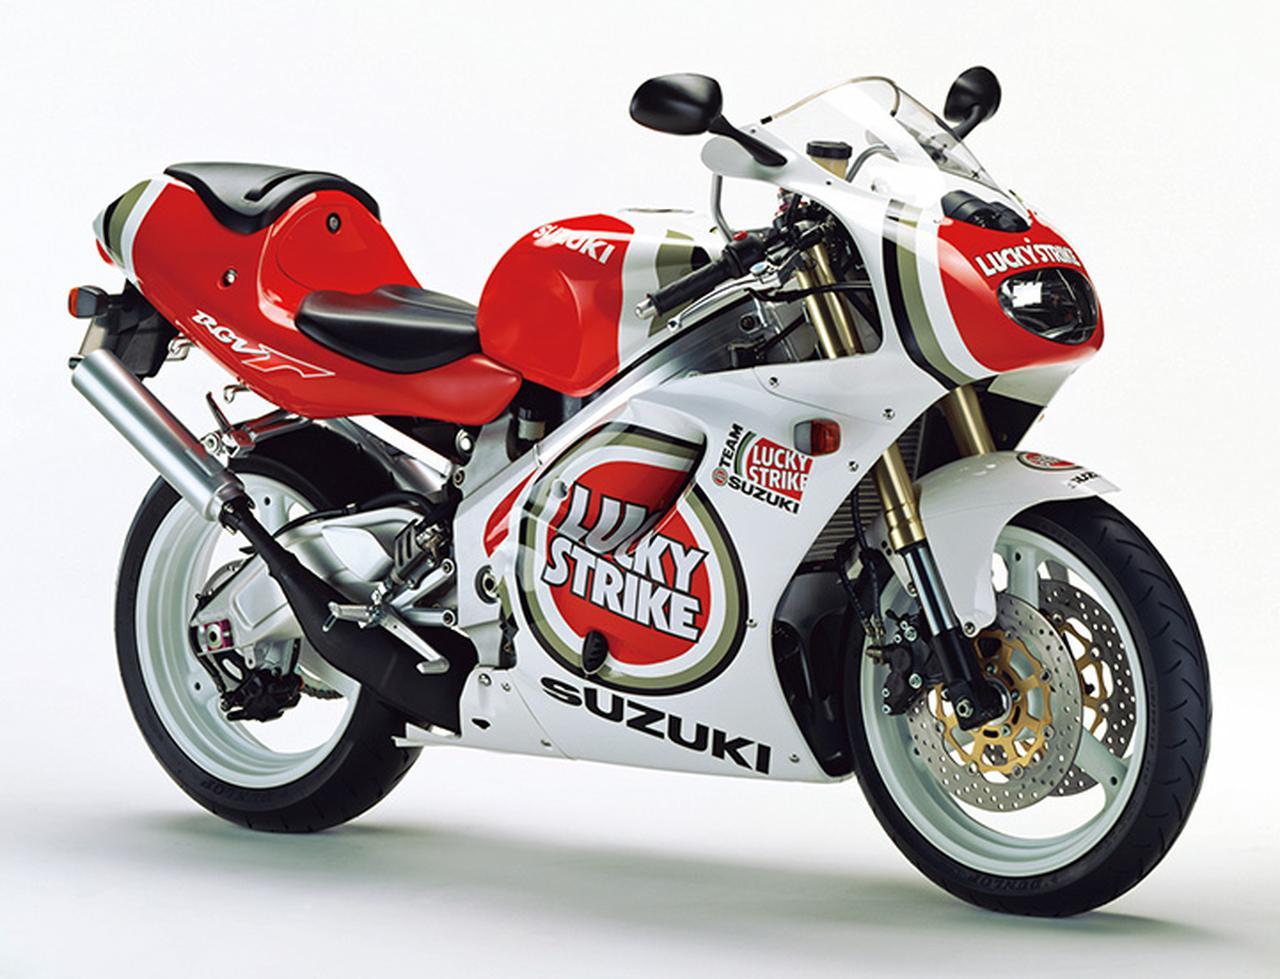 Images : 3番目の画像 - 「【RG-Γ伝】Vol.6「レプリカブームを牽引した250ガンマの最終型」RG250Γ SP(VJ23A)-1996〜1999- 〜当時の貴重な資料で振り返る栄光のガンマ達〜」のアルバム - webオートバイ